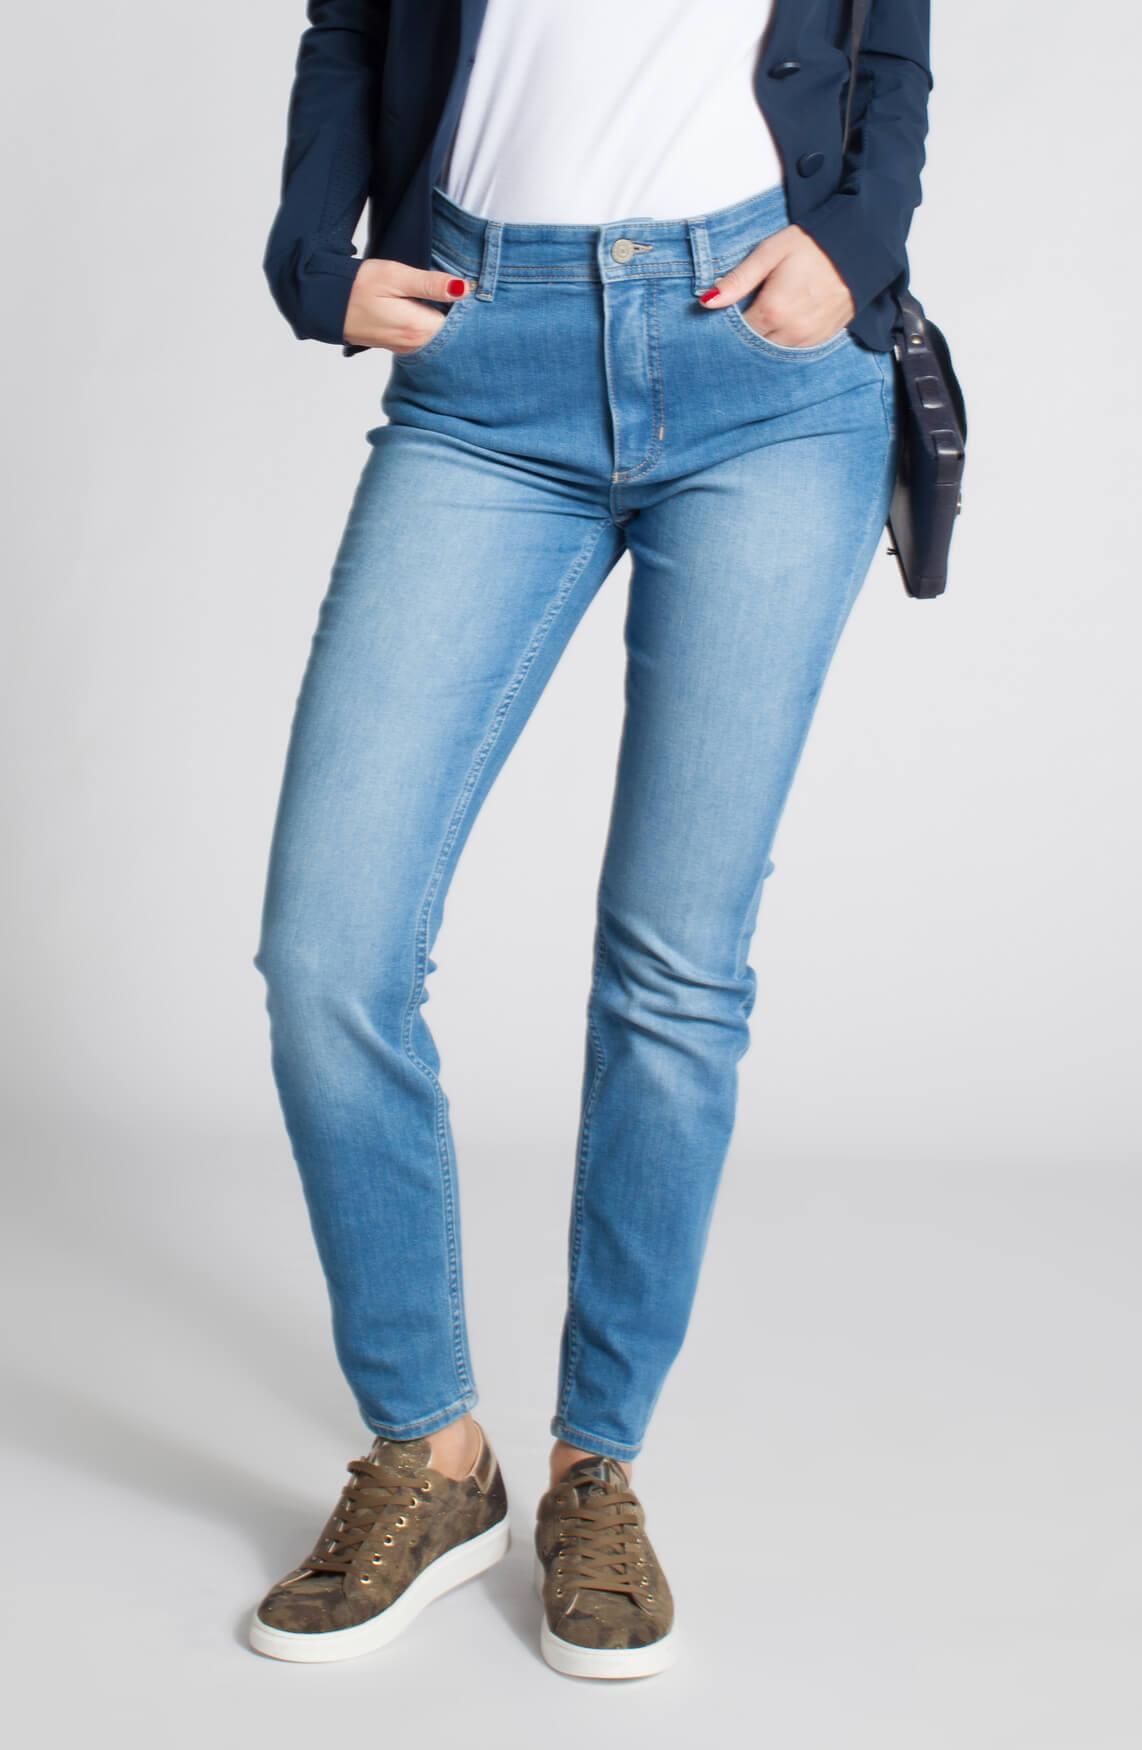 Rosner Dames Audrey lichte jeans Blauw